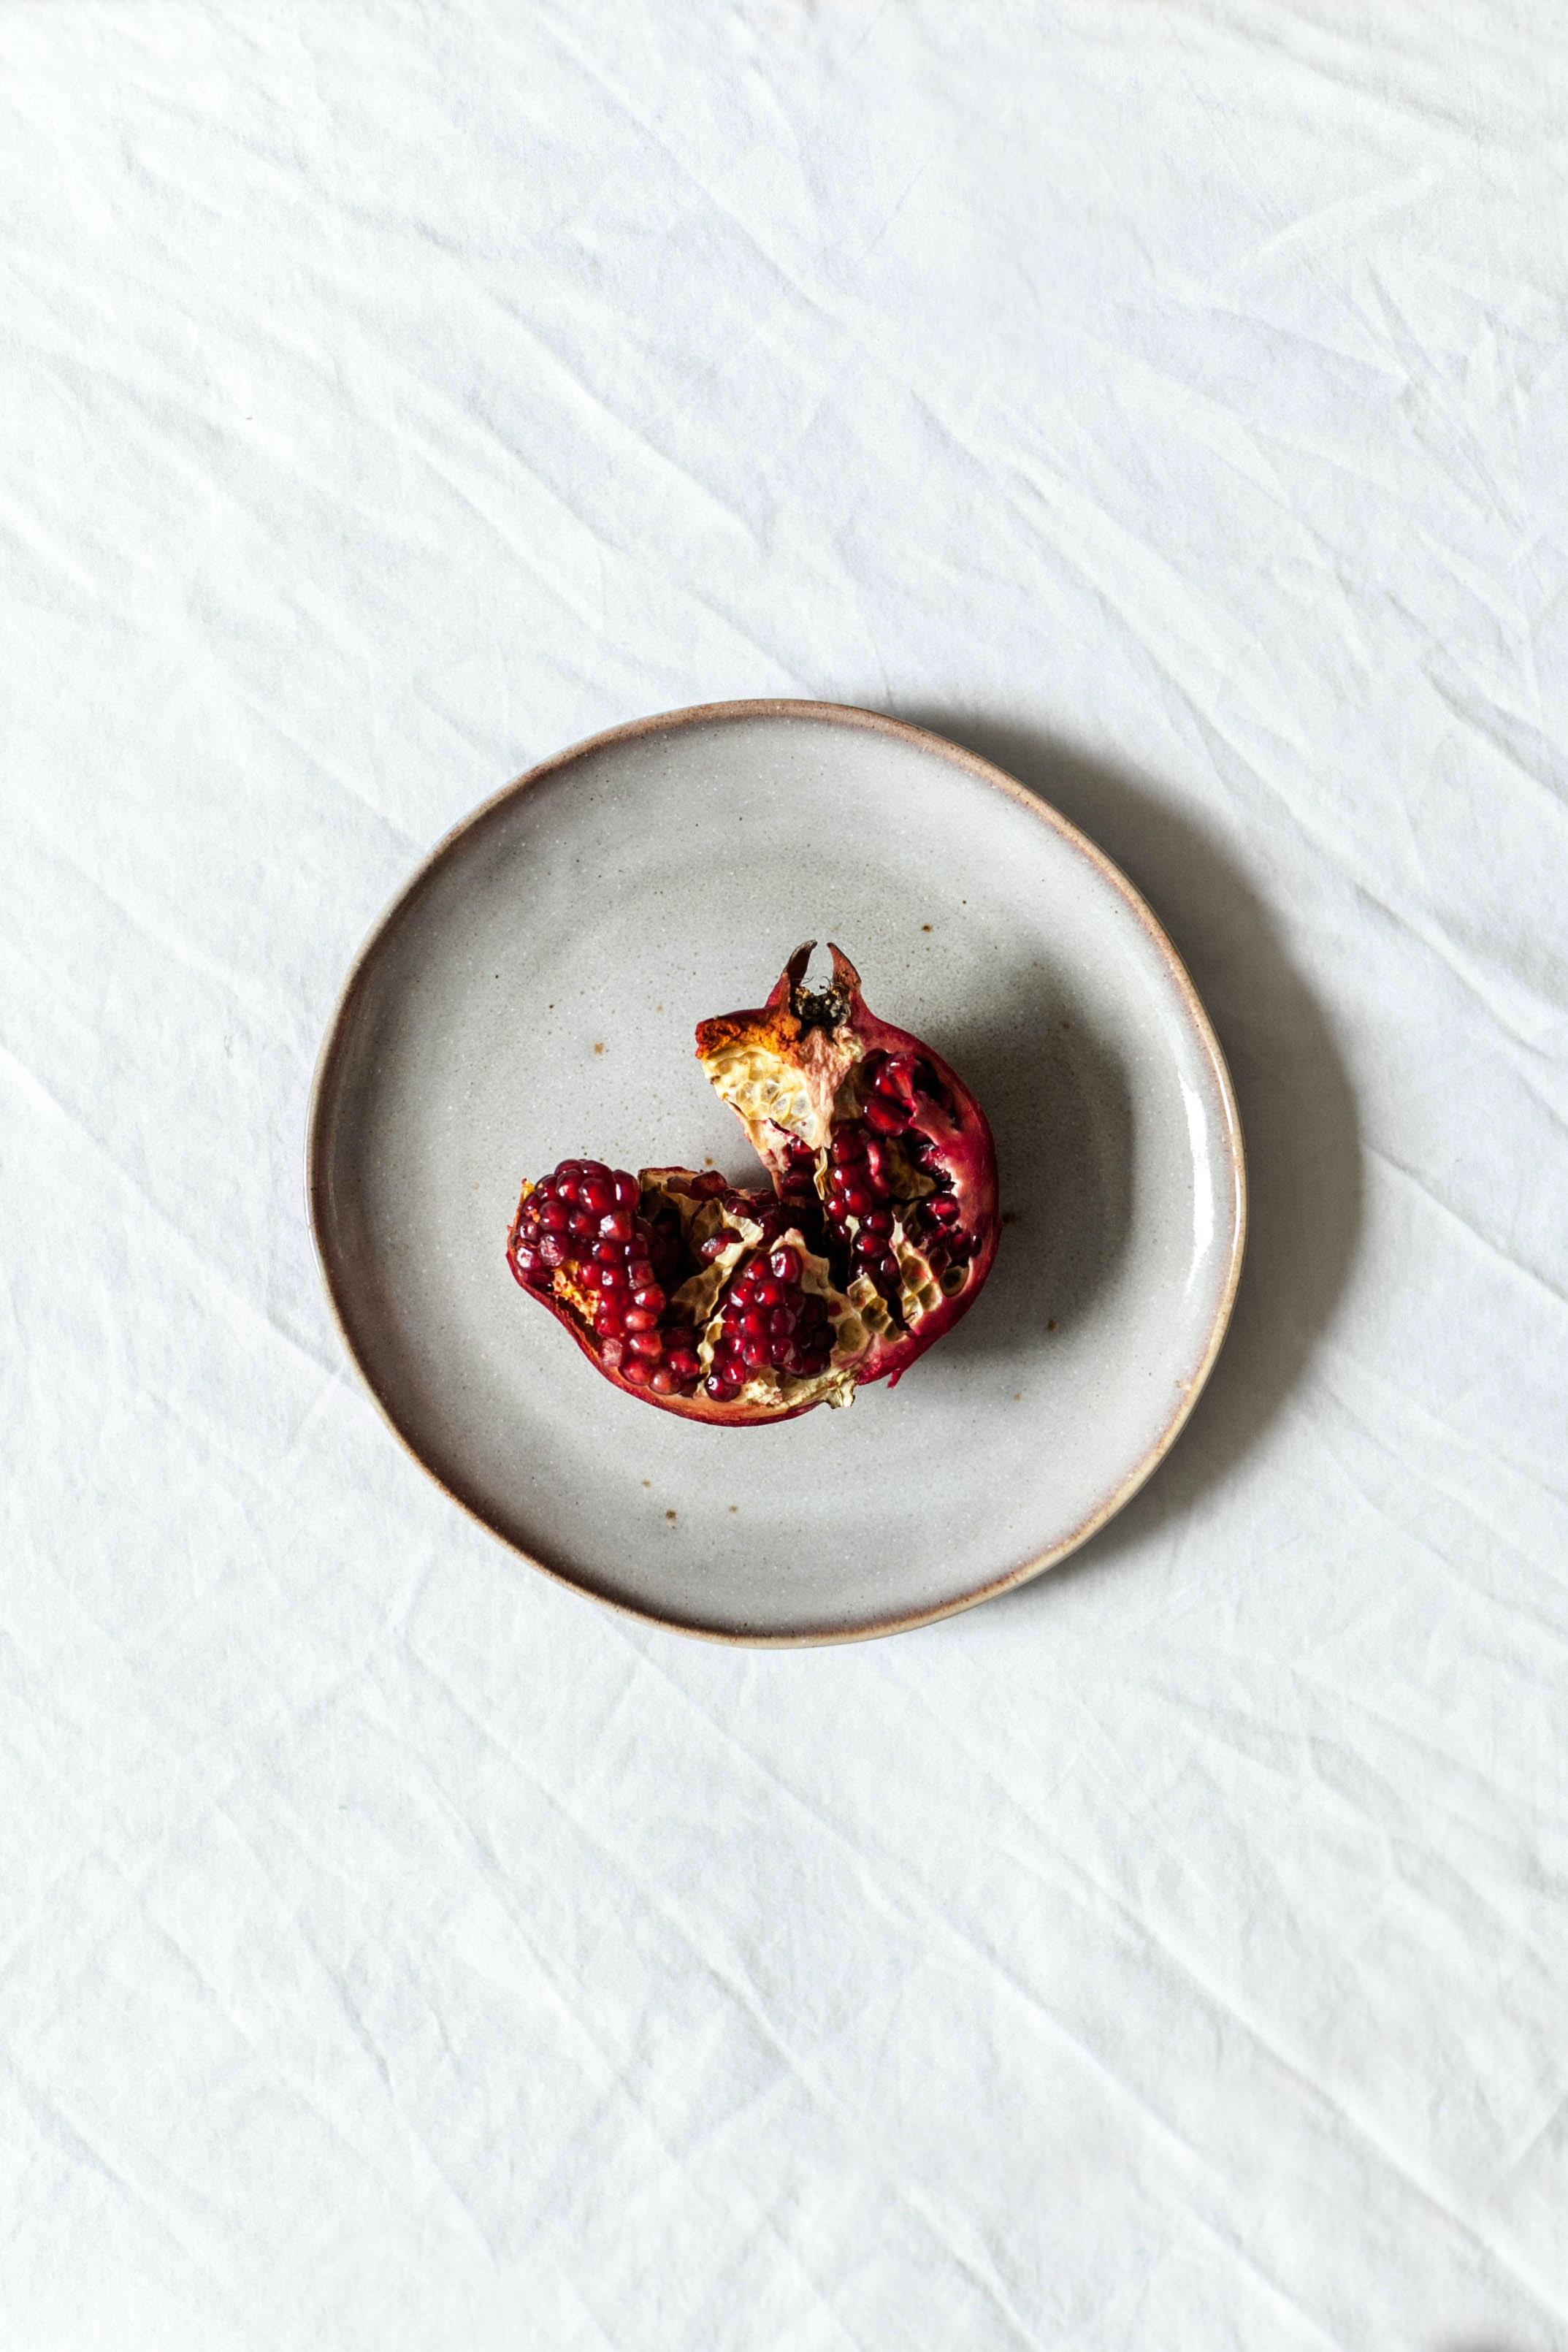 fruit on white ceramic plate